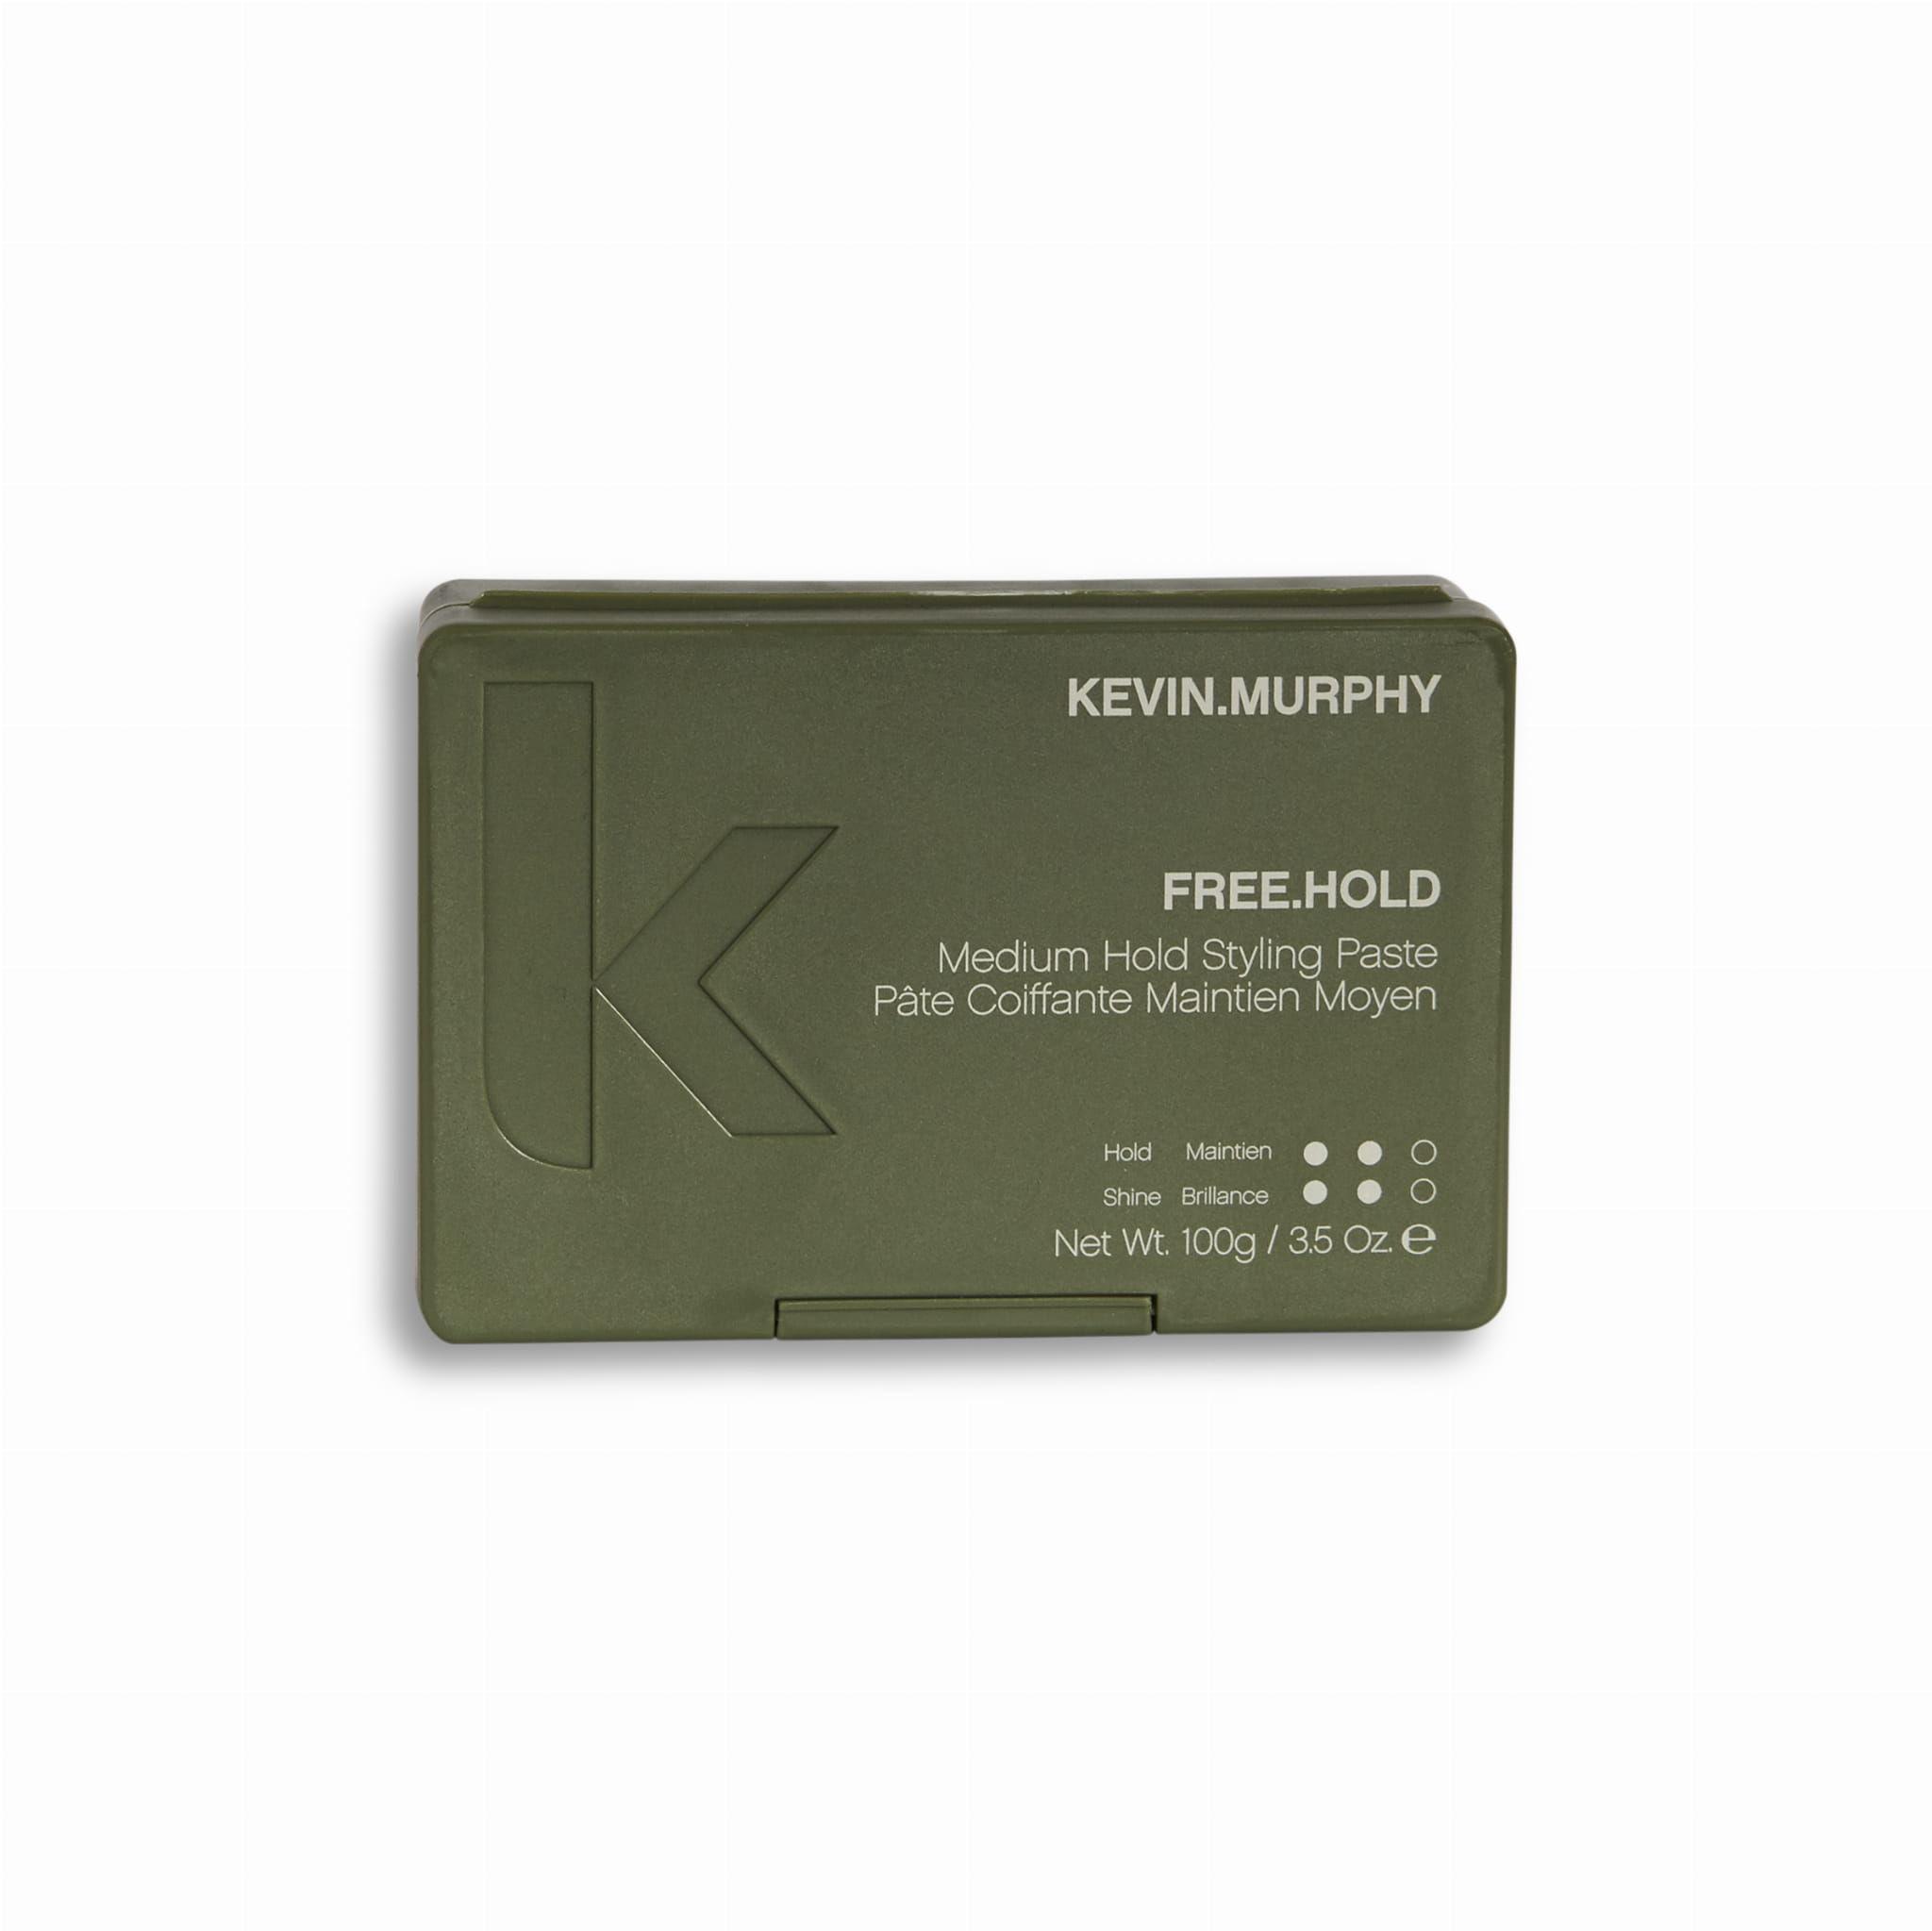 Kevin Murphy Free.Hold Pasta Nabłyszczająca Do Włosów 100g